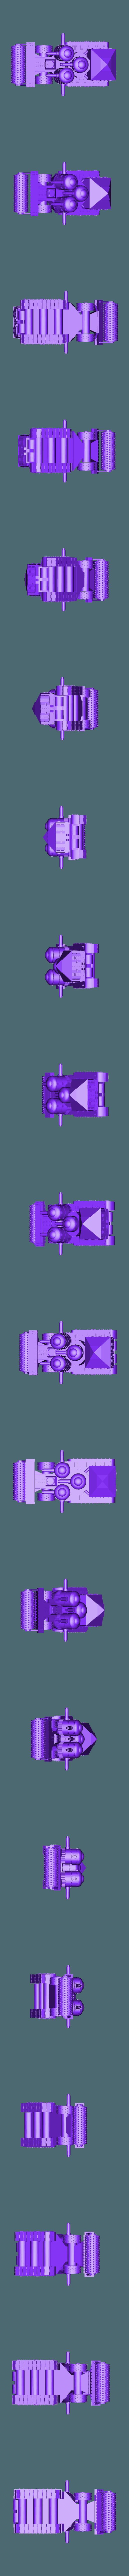 complete_90.stl Télécharger fichier STL gratuit Demi-châssis de forteresse de combat mobile orque / orque • Design à imprimer en 3D, redstarkits